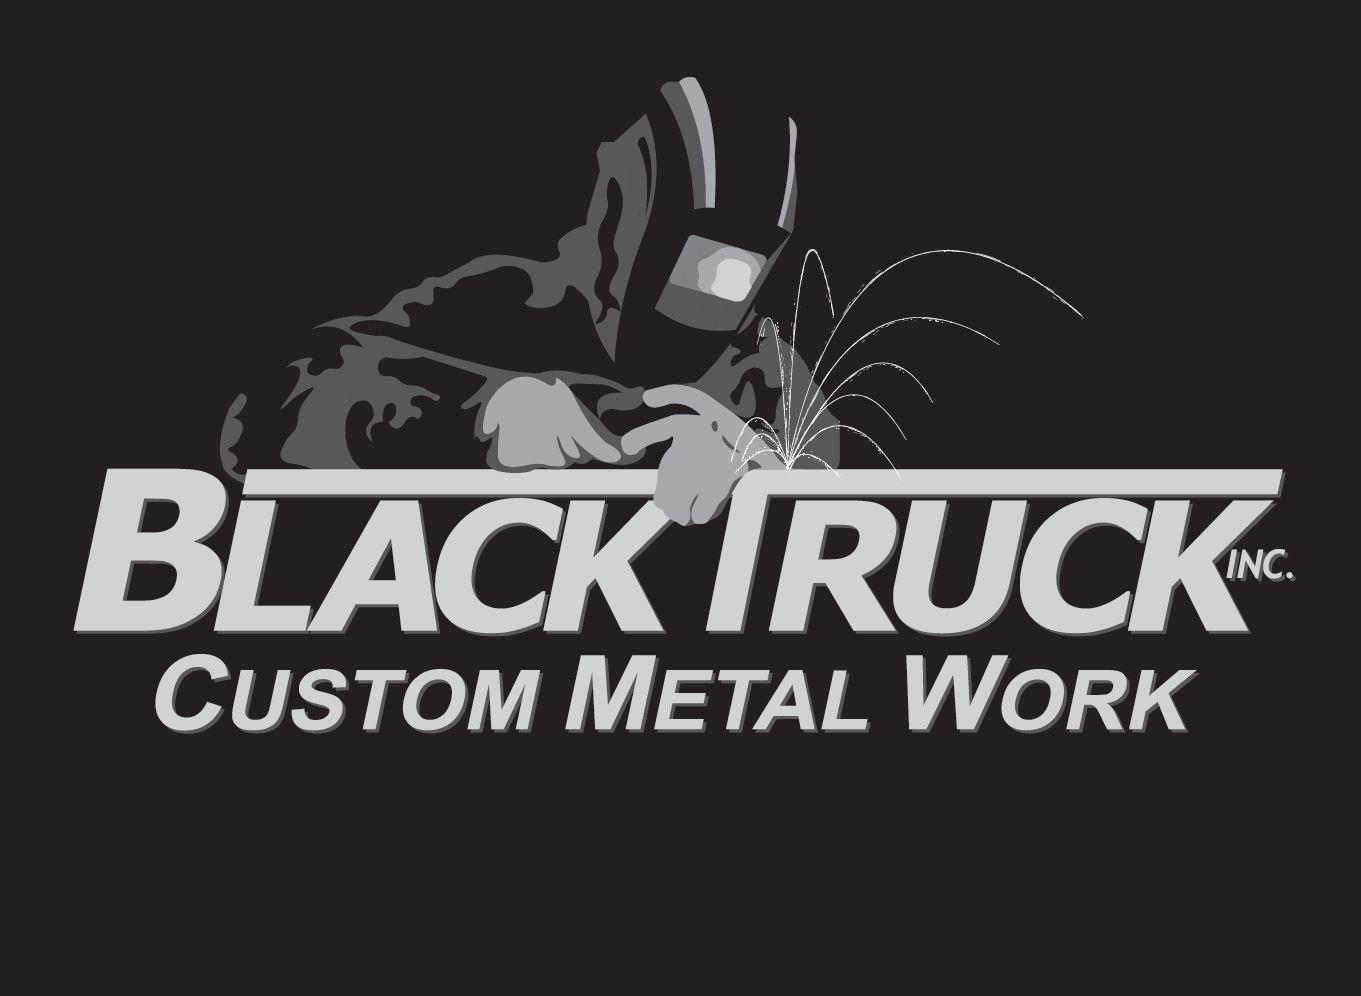 BlackTruck